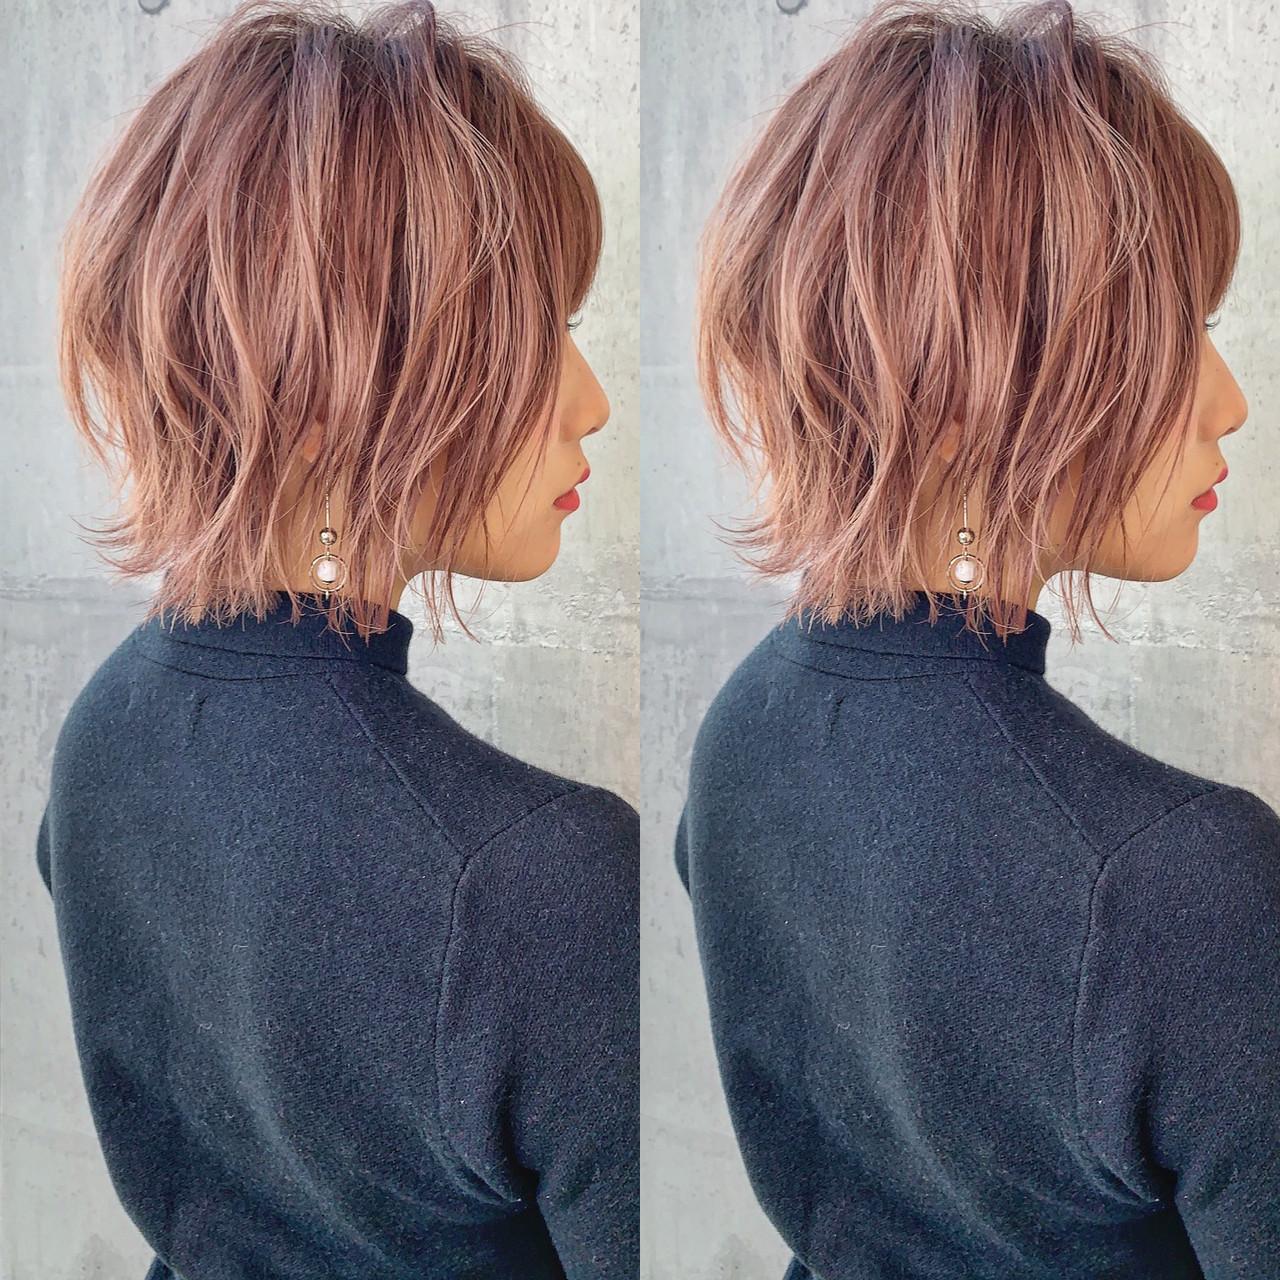 ヘアカラー ピンクアッシュ 切りっぱなしボブ ボブ ヘアスタイルや髪型の写真・画像